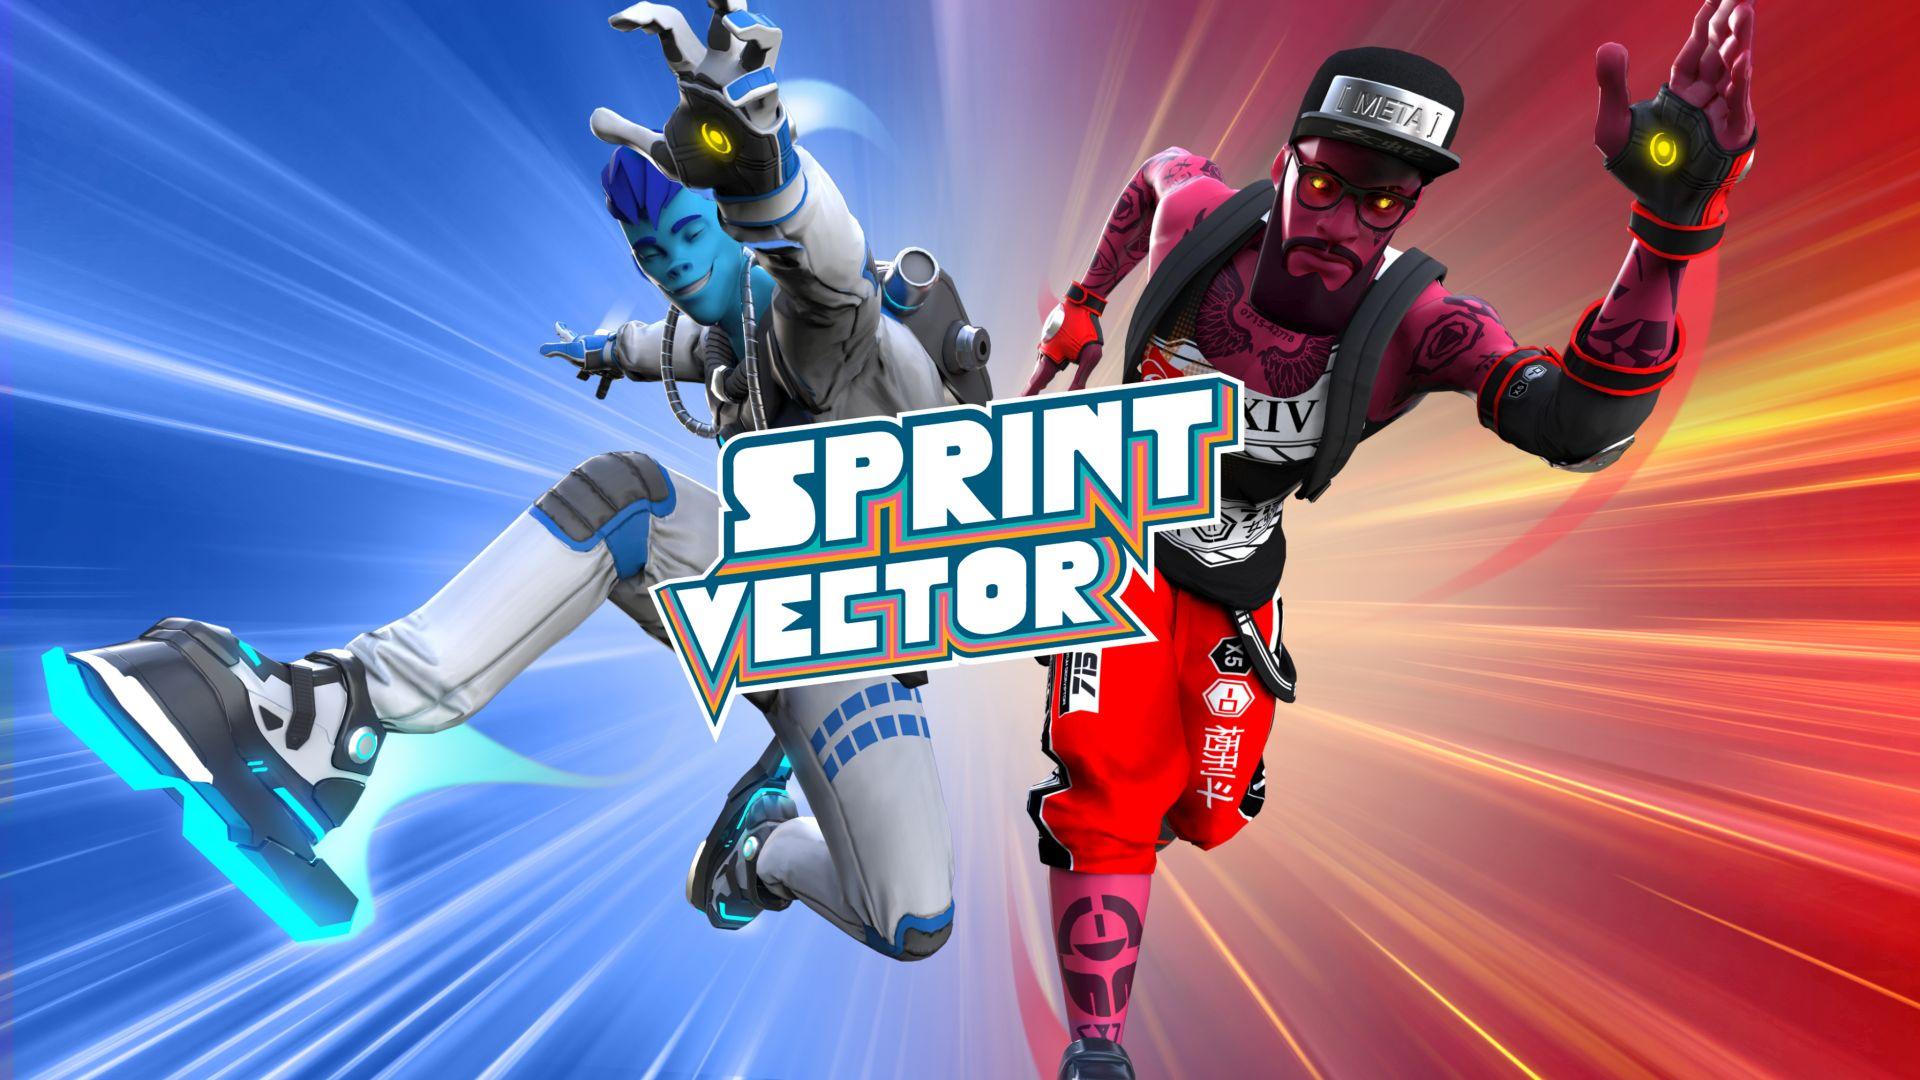 Sprint Vector - Best VR of E3 2017 - WINNER